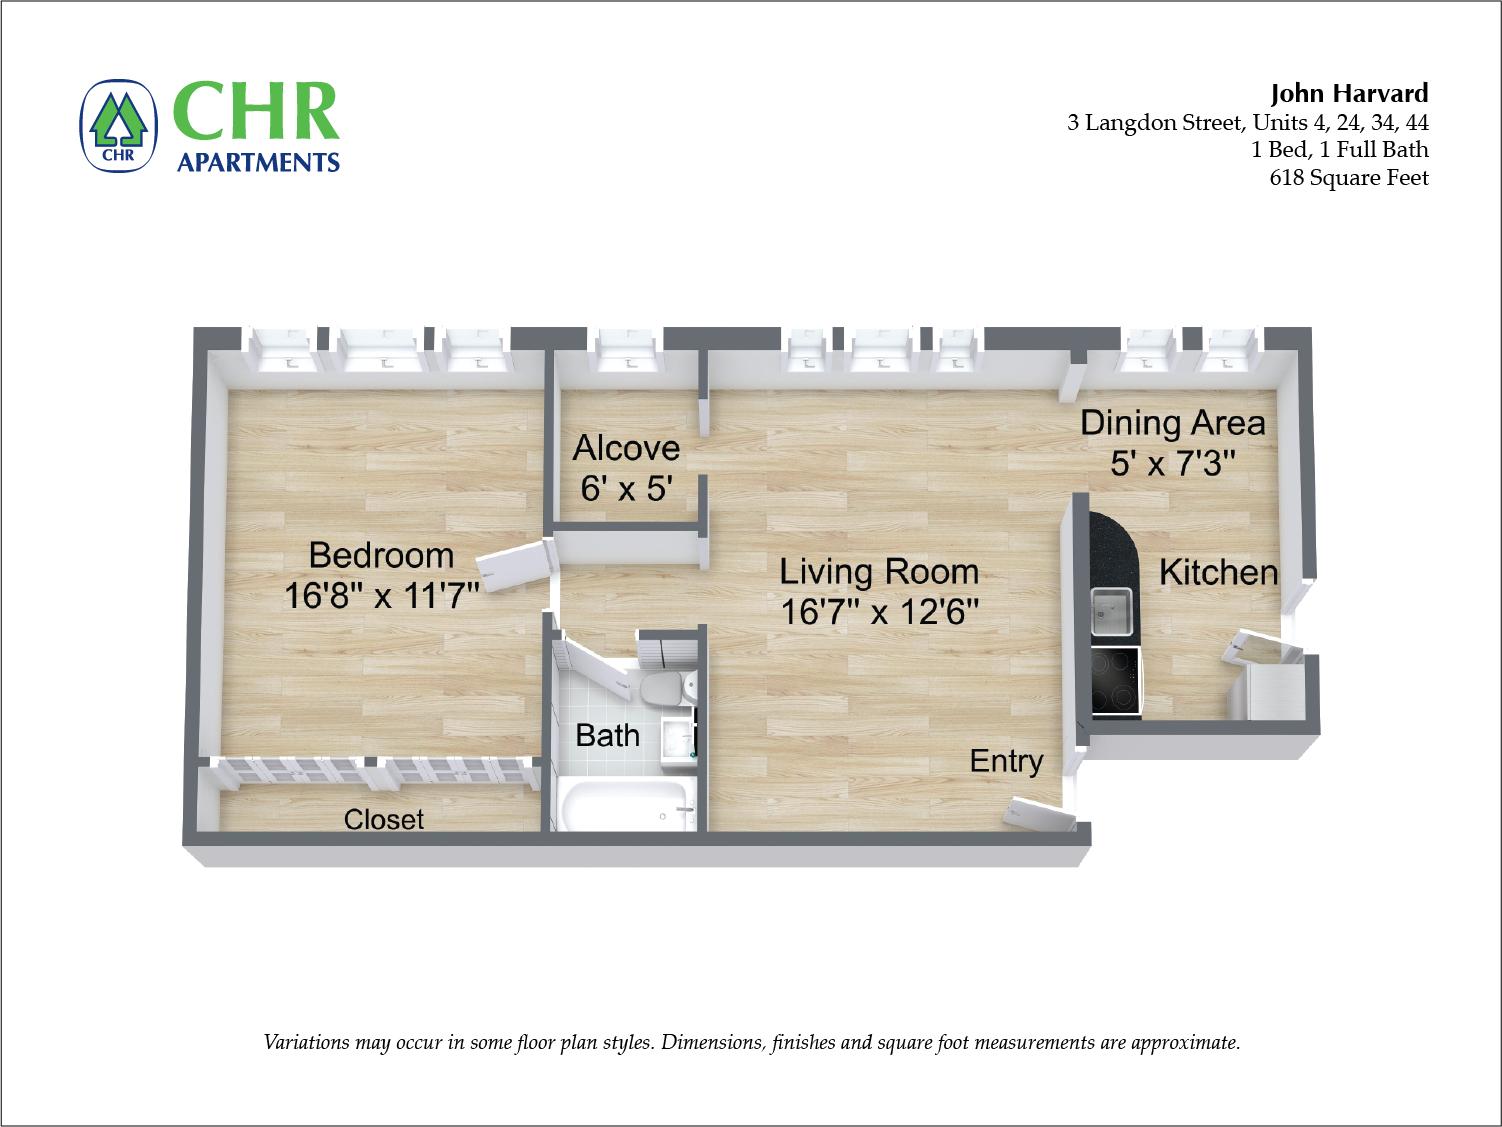 Floor plan John Harvard - 1 Bedroom image 3